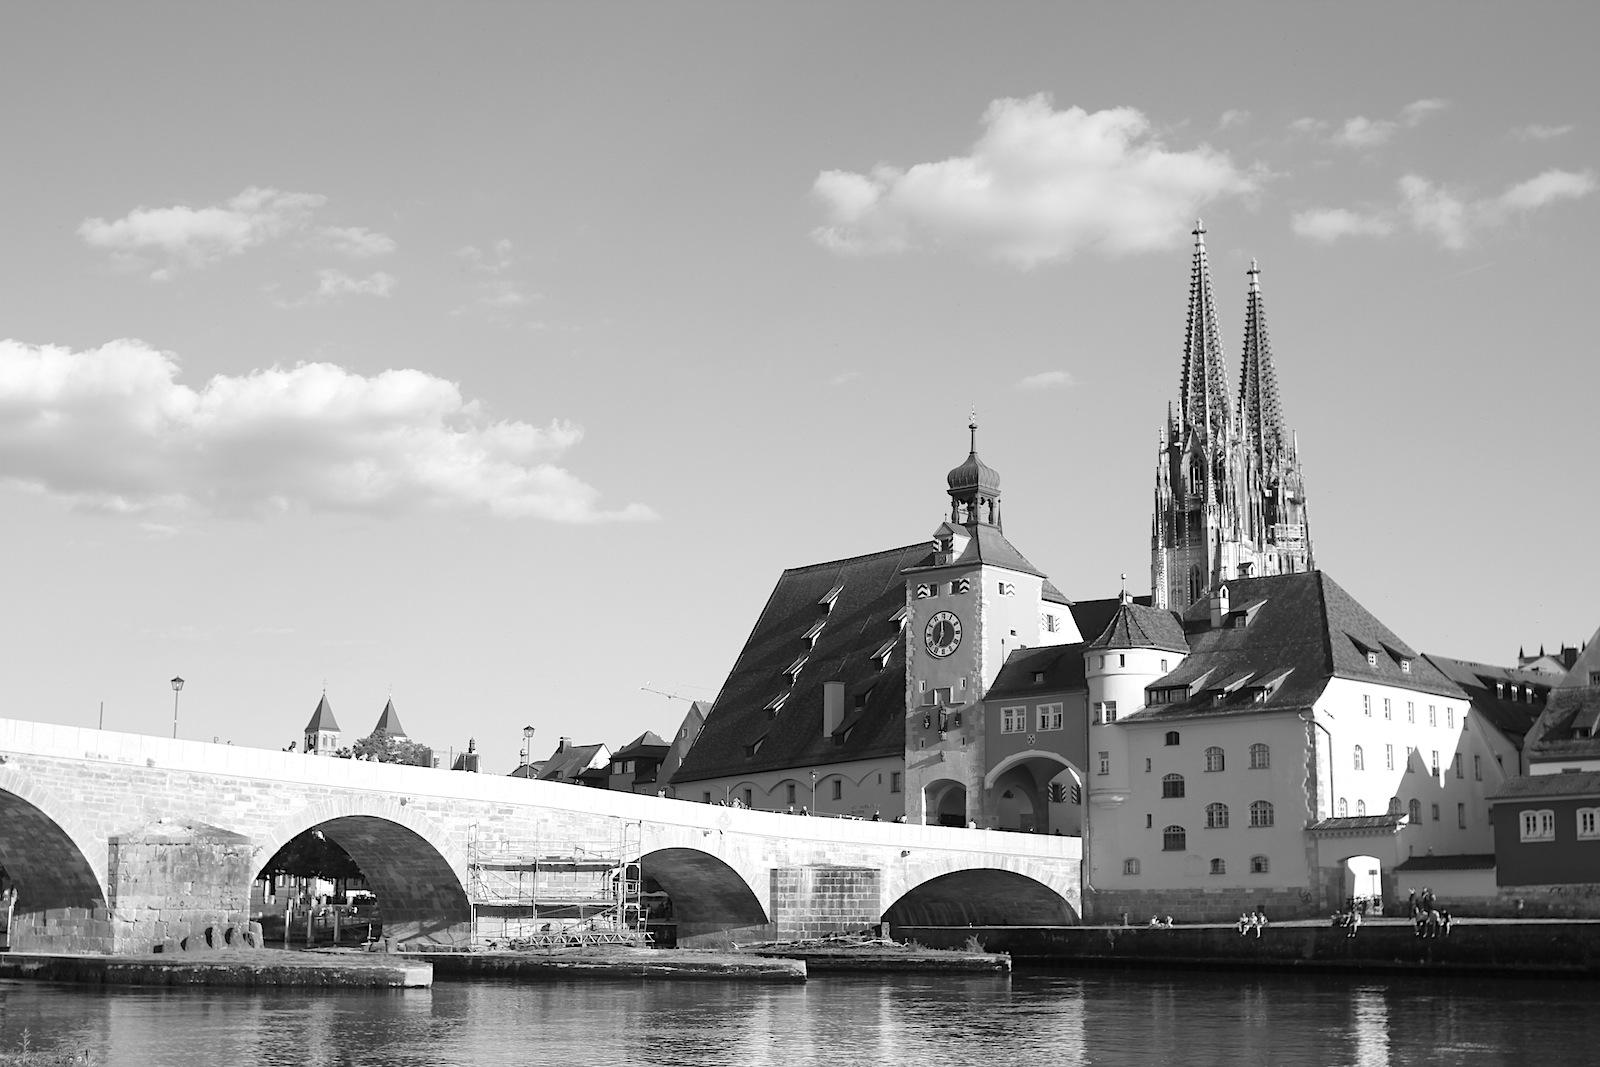 Stein.  Dom, ehem. städtischer Salzstadel (Salzlager) und die Steinerne Brücke im Dreiklang.